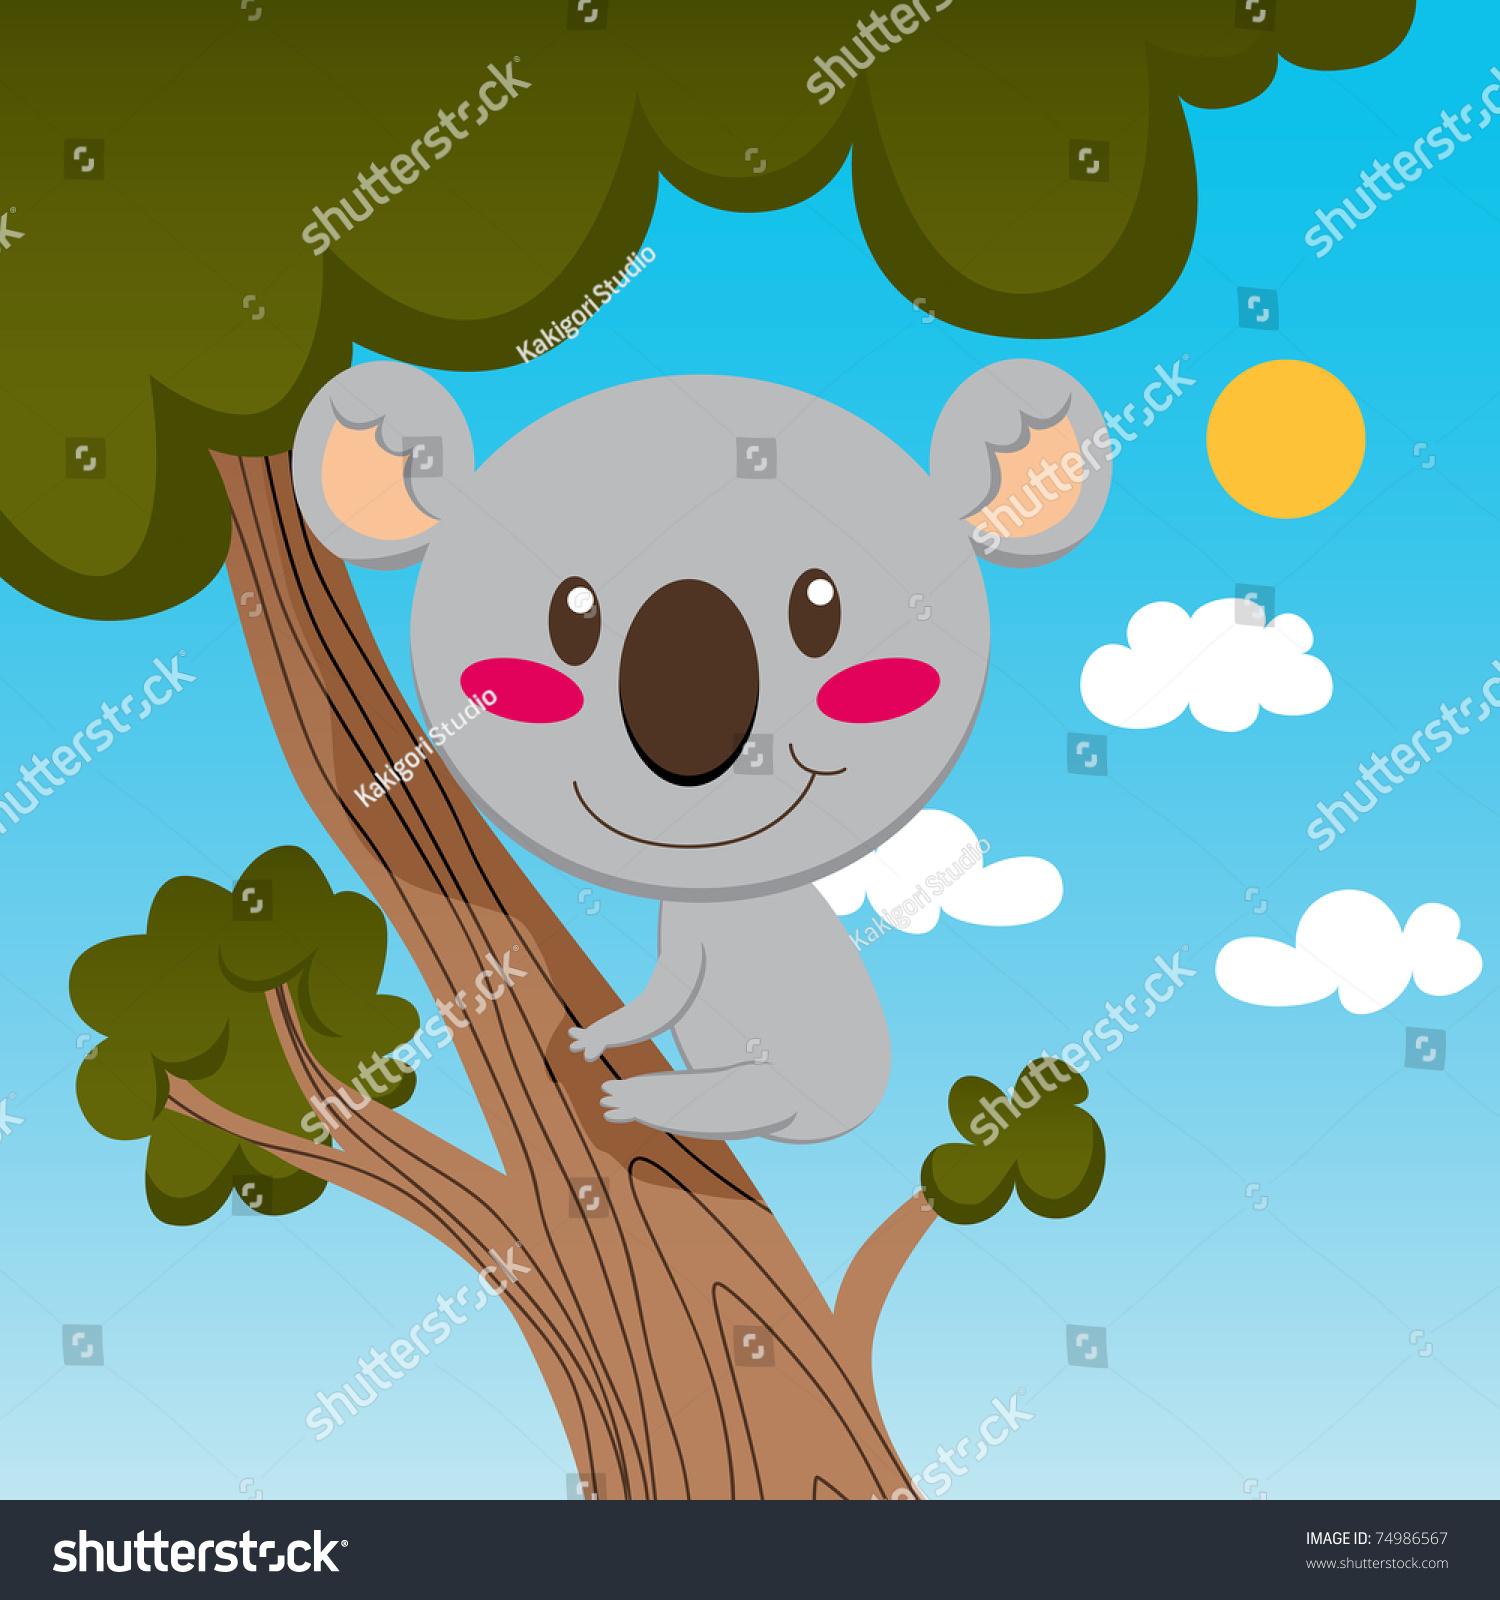 小考拉微笑高树枝上享受自然-动物/野生生物,插图/图